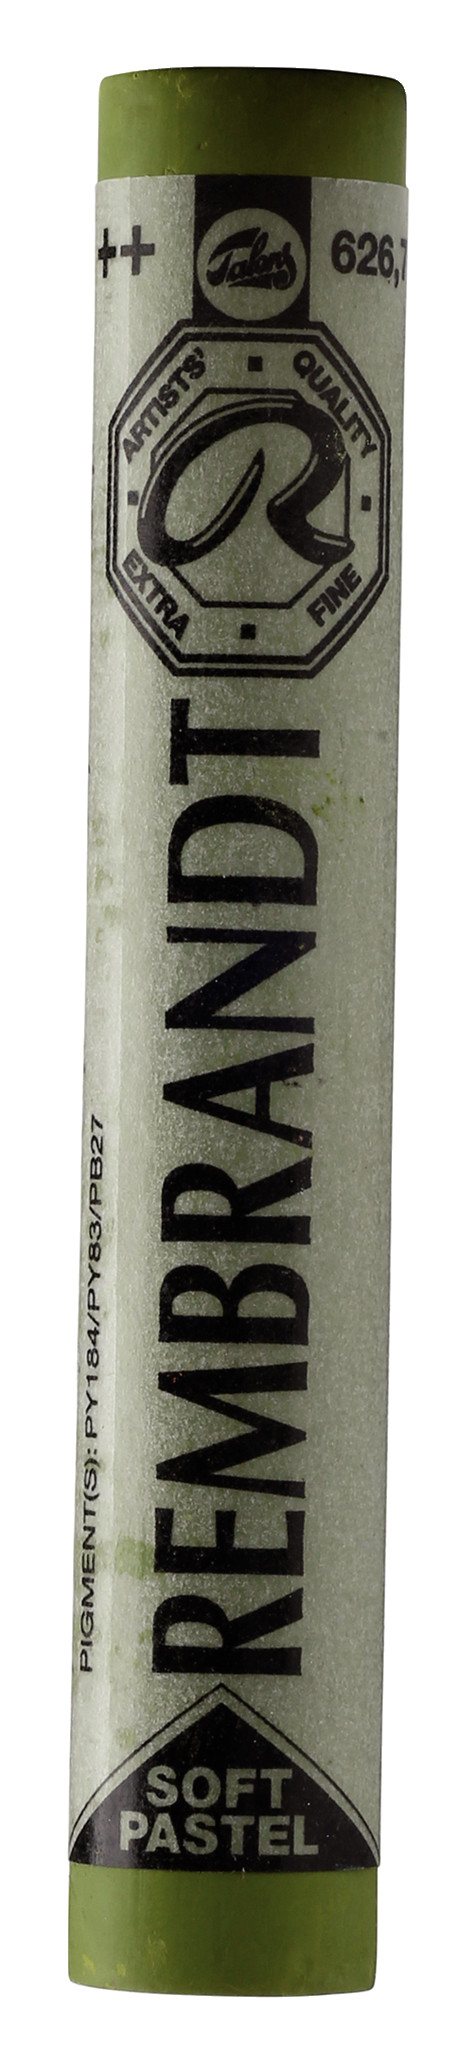 Rembrandt Soft Pastel Round Full Stick Cinnabar Green Light(7) (626.7)